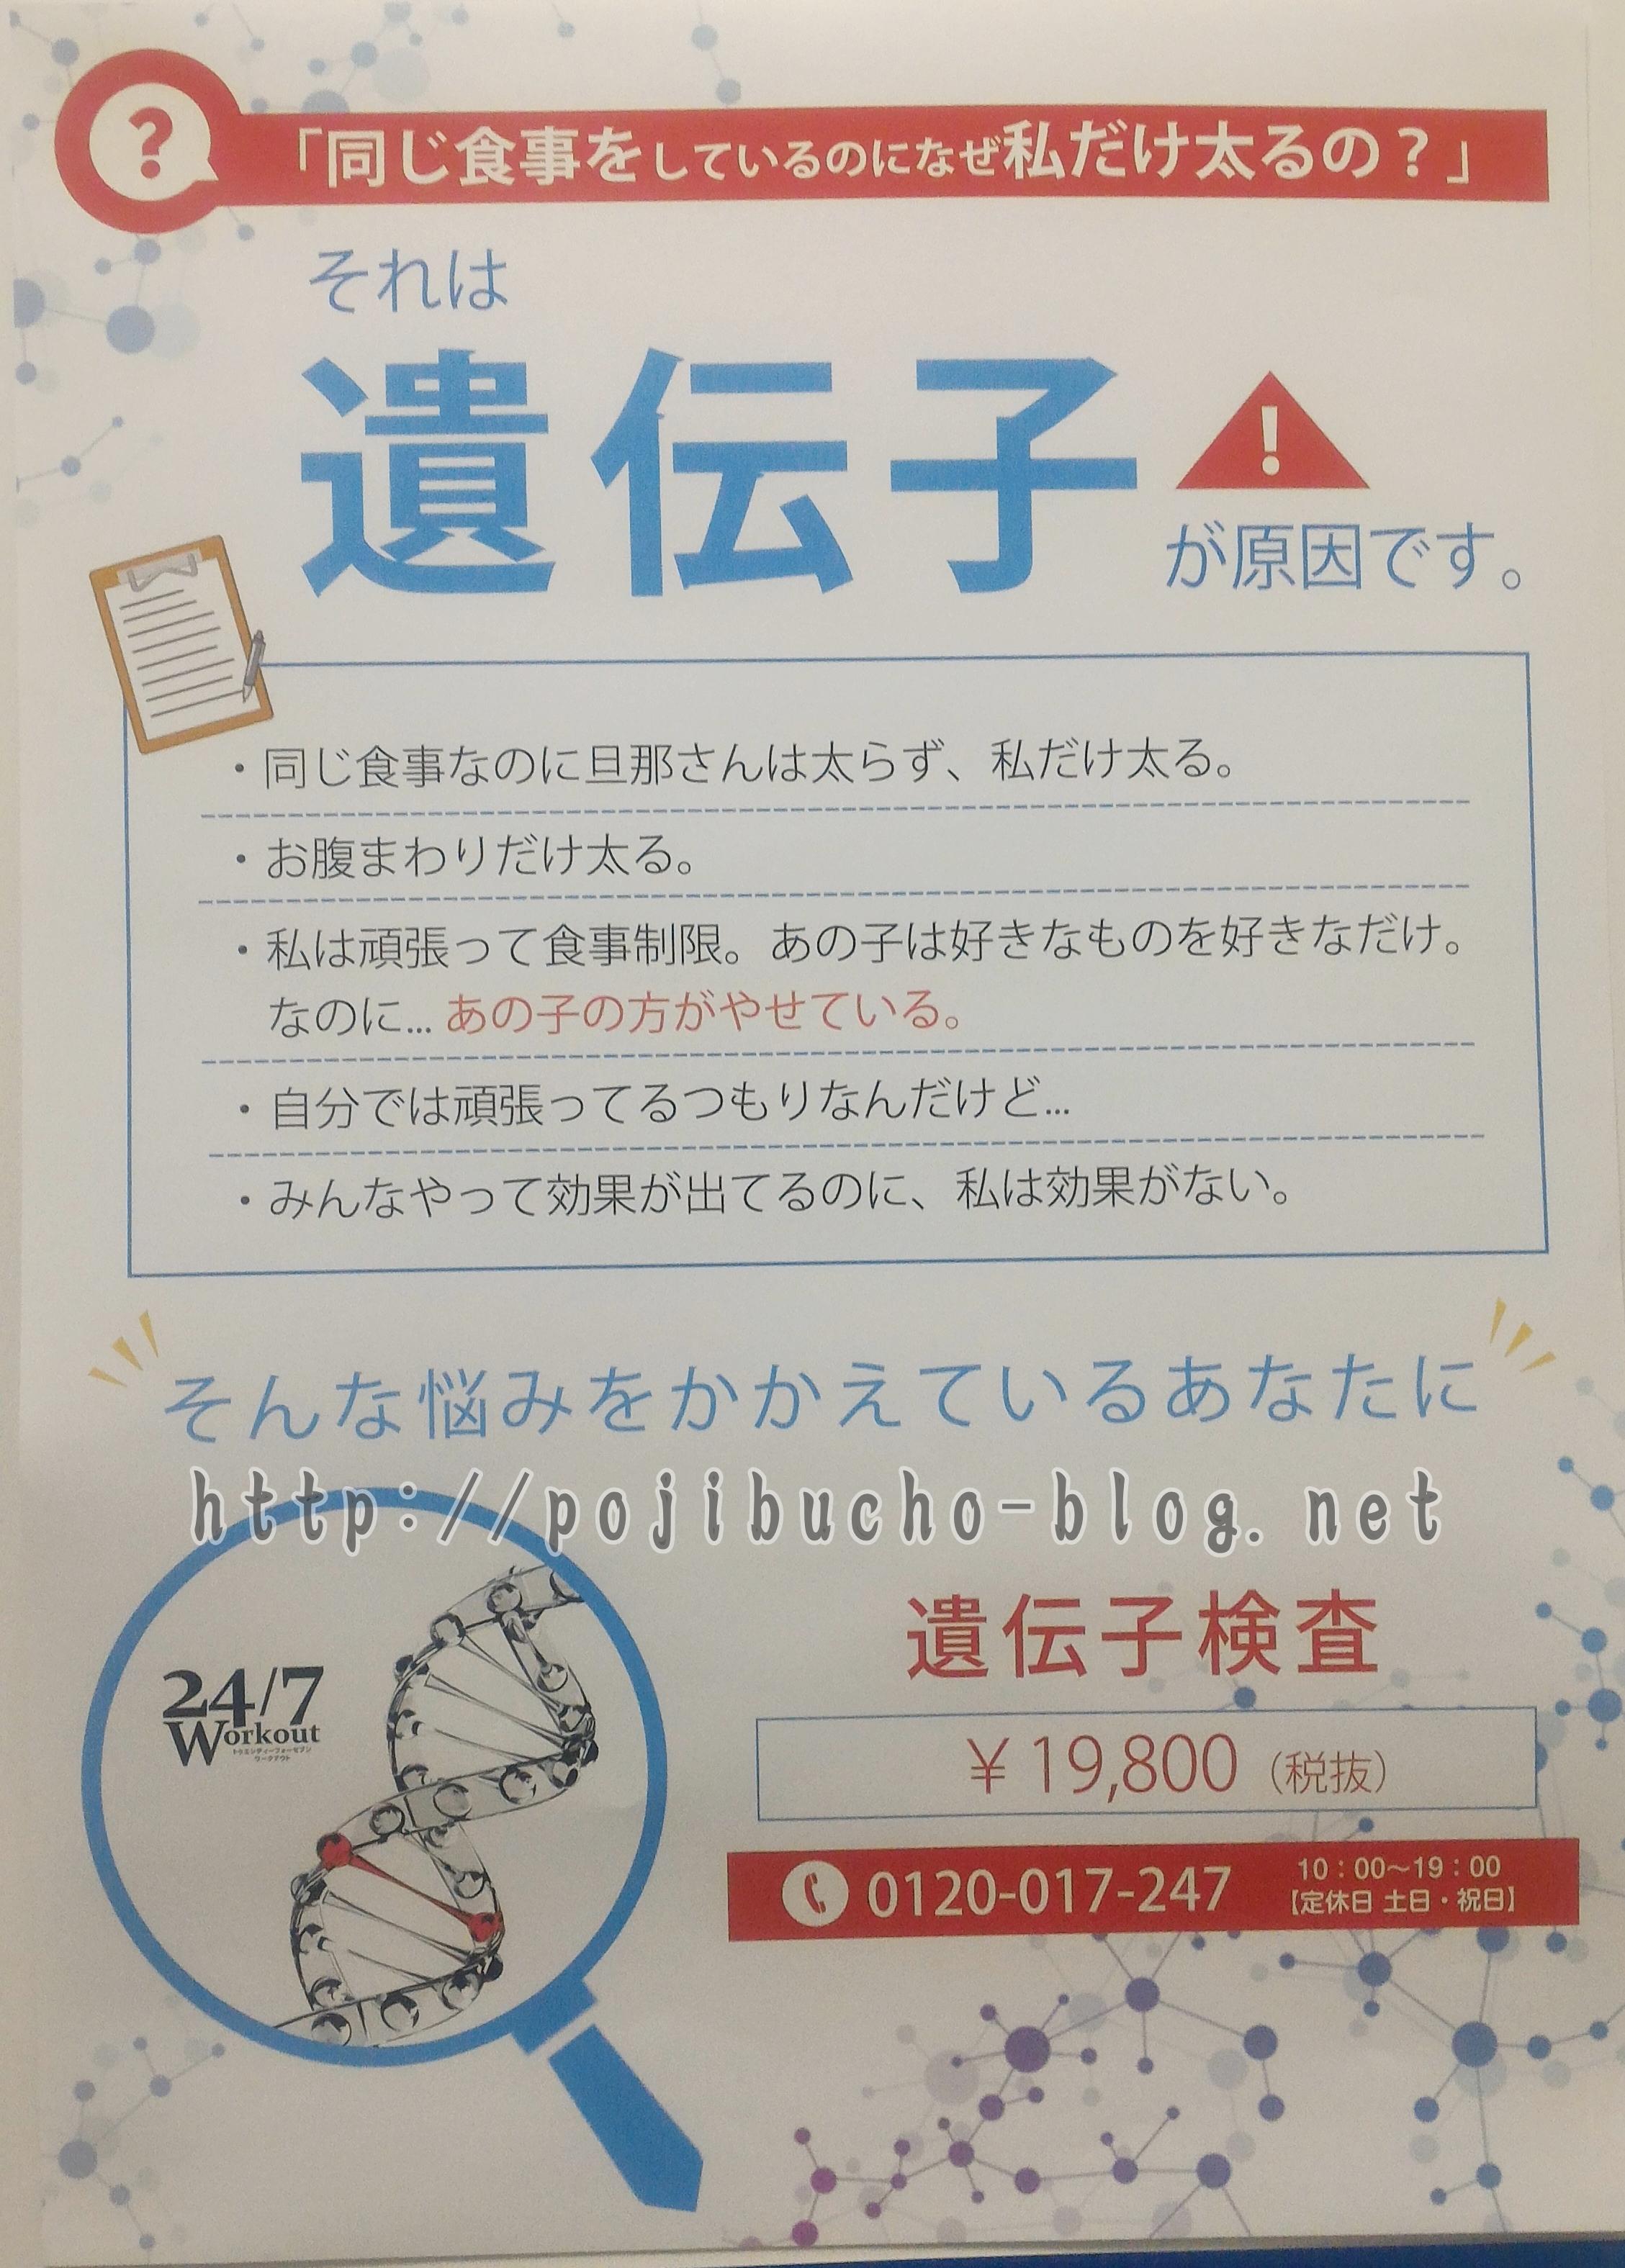 24/7ワークアウトの遺伝子検査ポスター